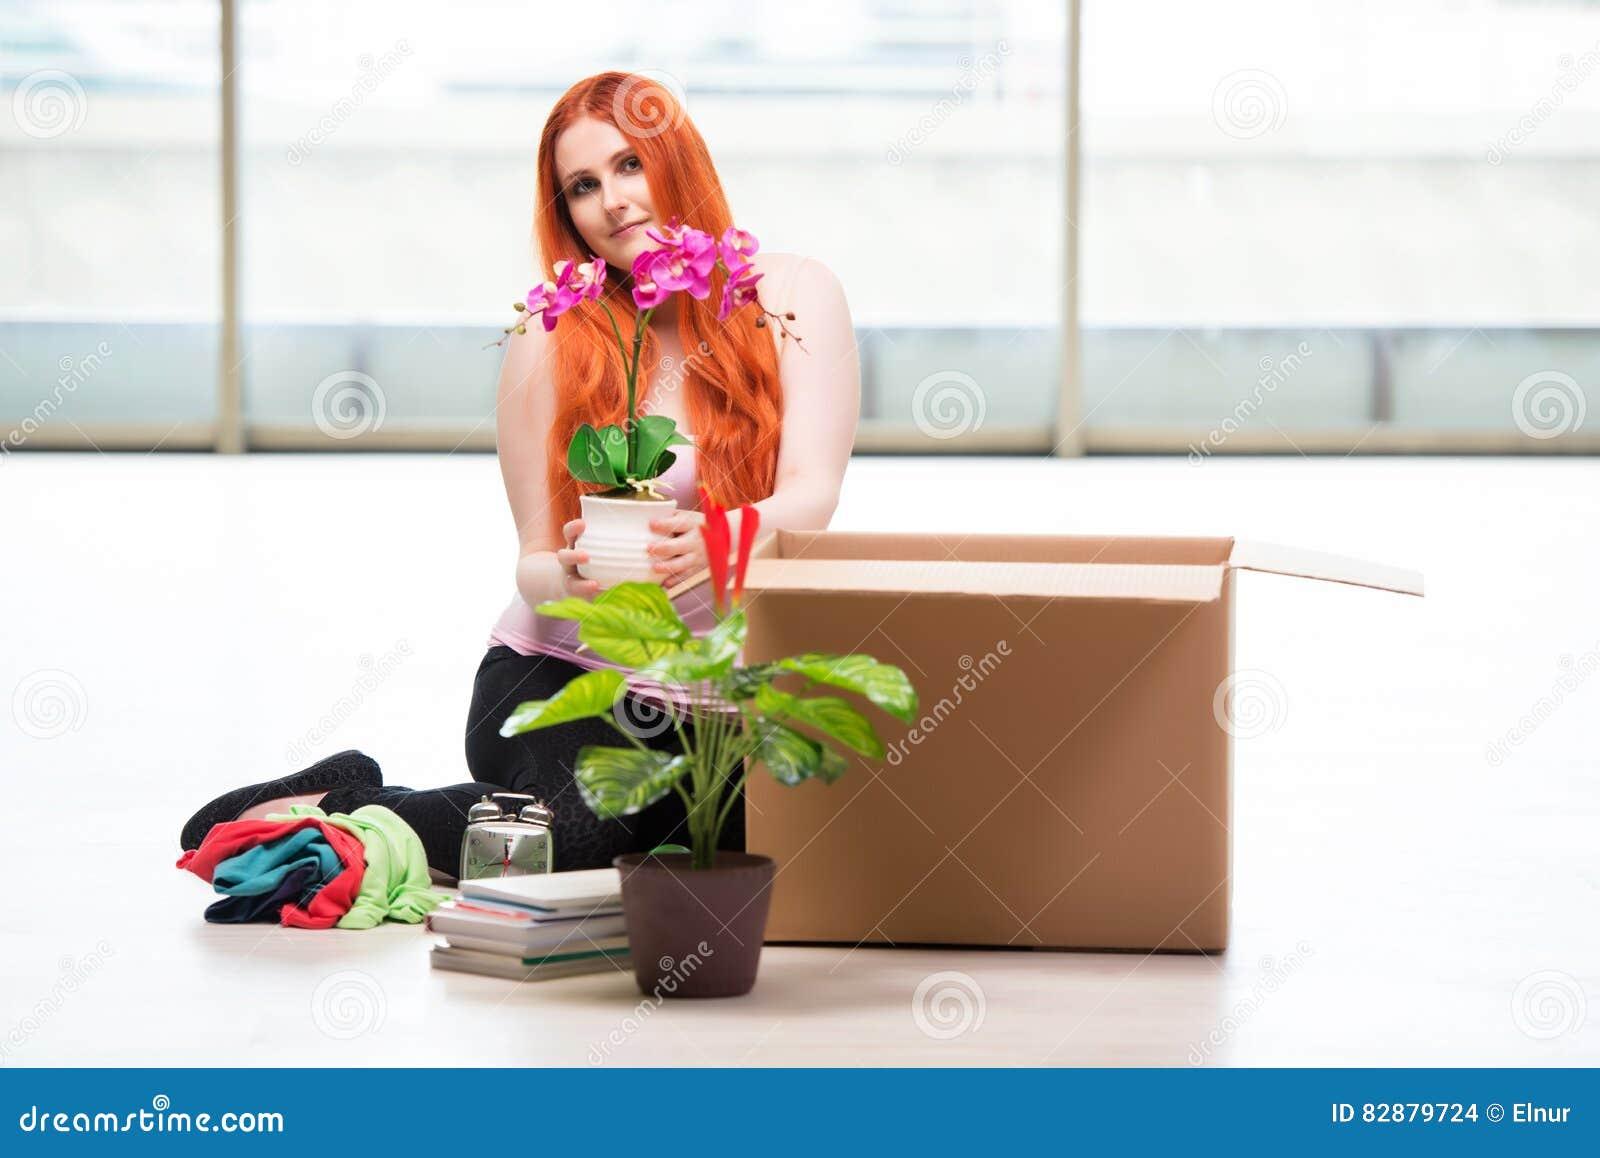 Het jonge vrouwen bewegende huis in levensstijlconcept stock foto afbeelding 82879724 - Foto huis in l ...